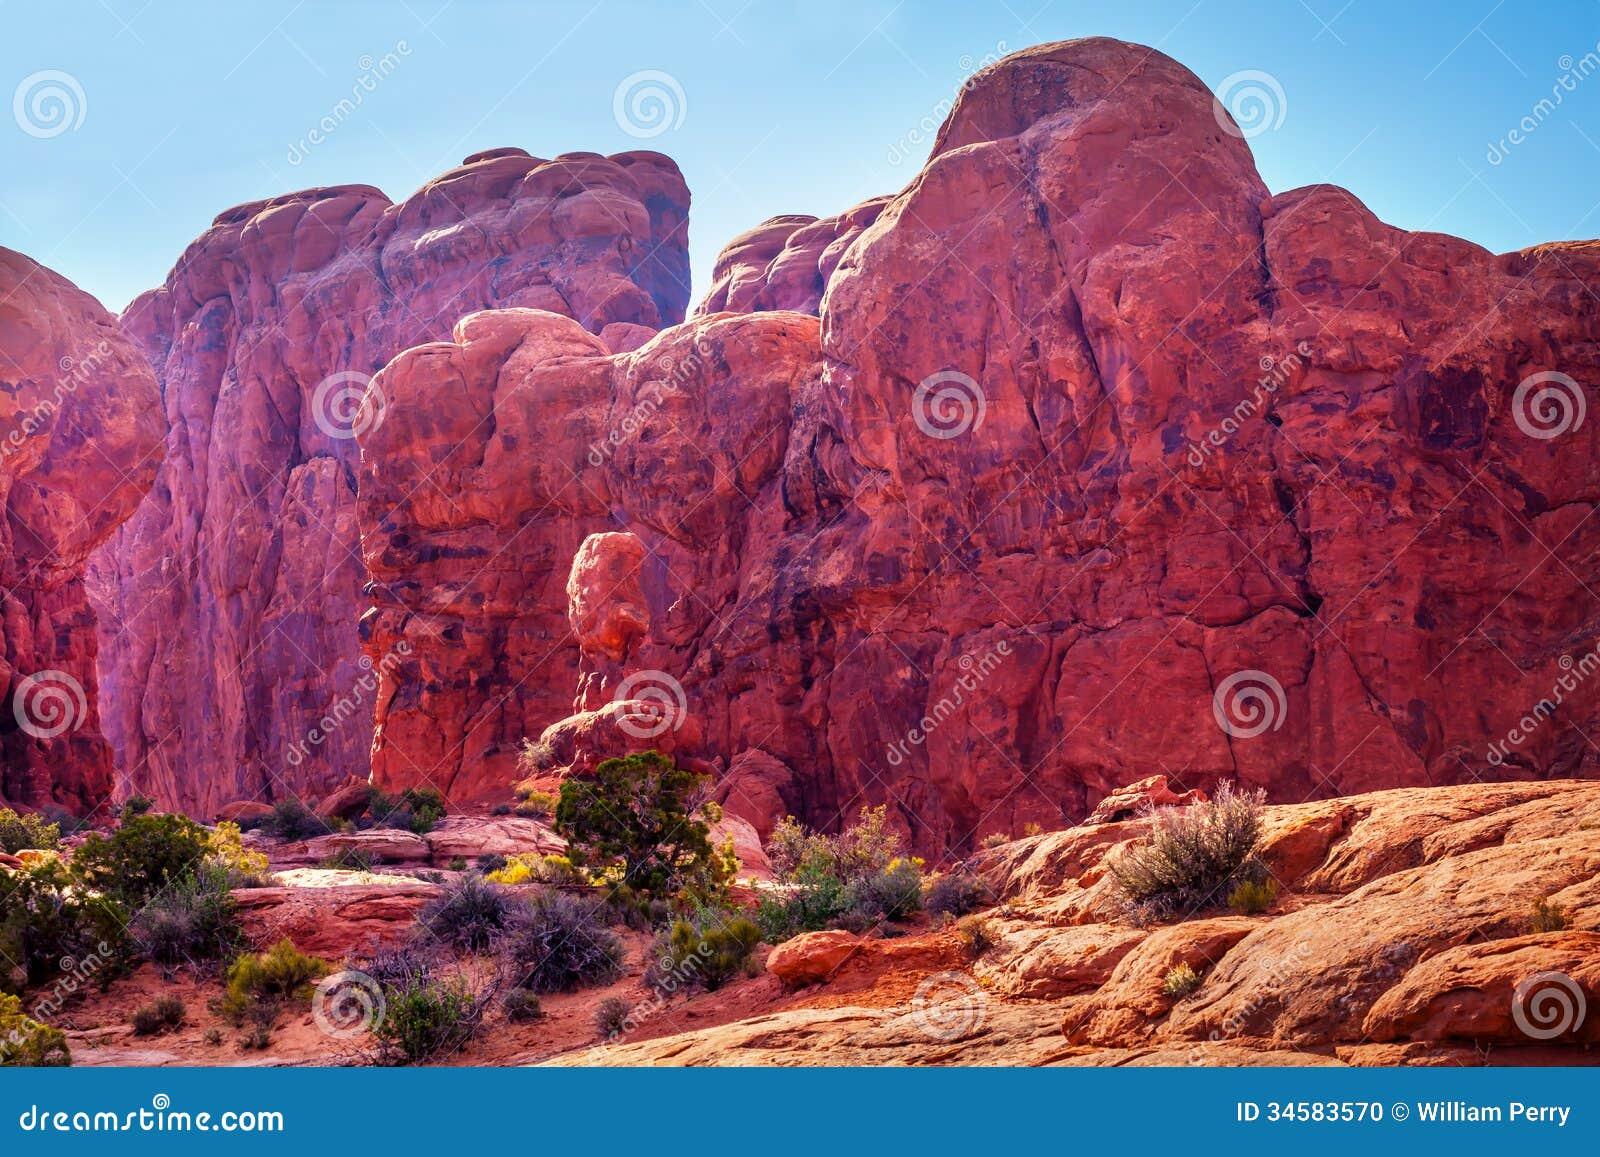 Maart Van Olifantentuin Van Eden Arches National Park Moab Utah Stock Foto Afbeelding